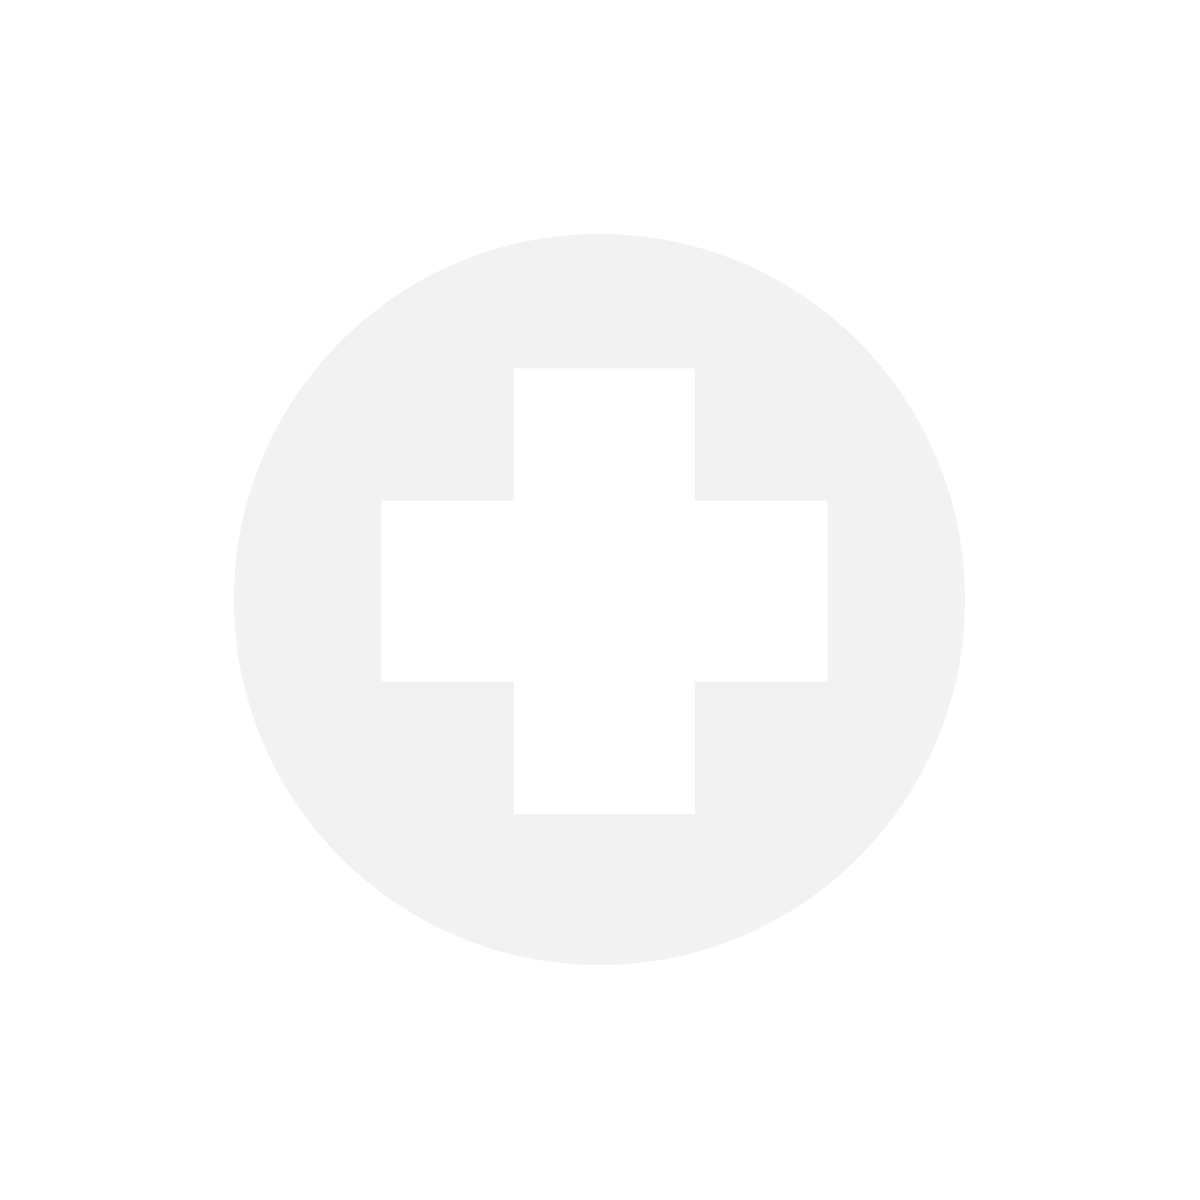 Sangles de suspension – Musculation et préparation physique